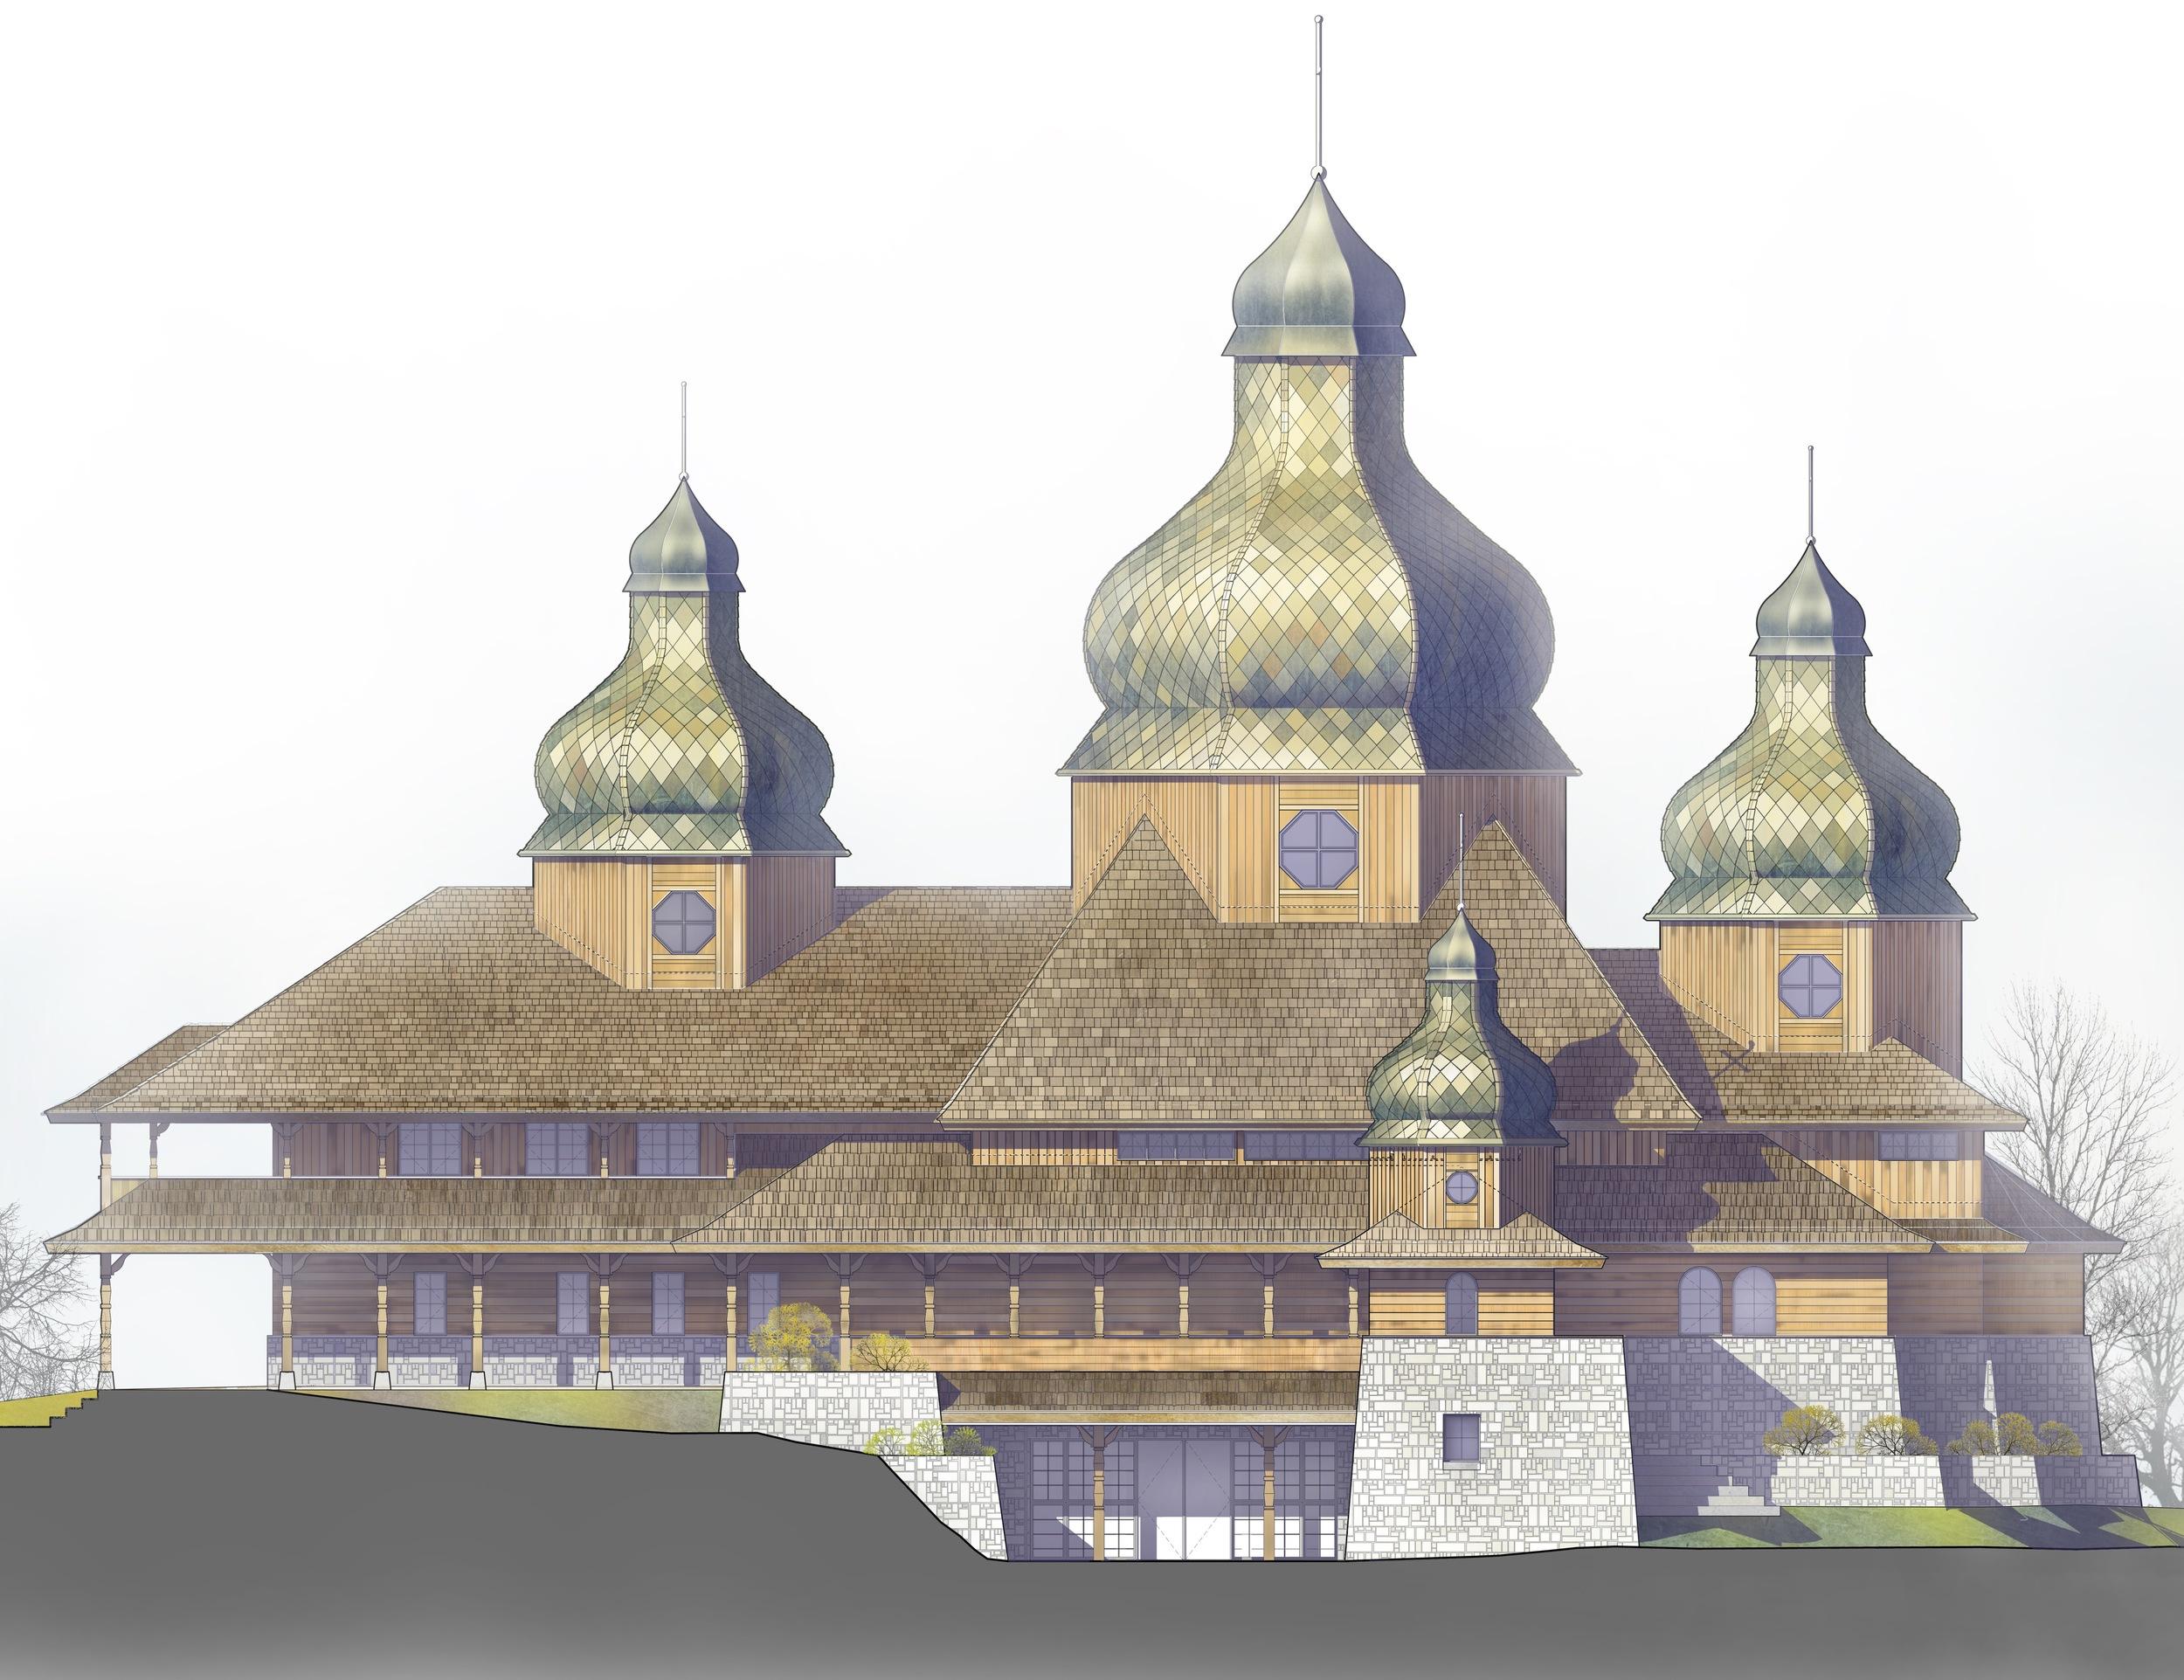 Rendering of St. Elias Church (2016)